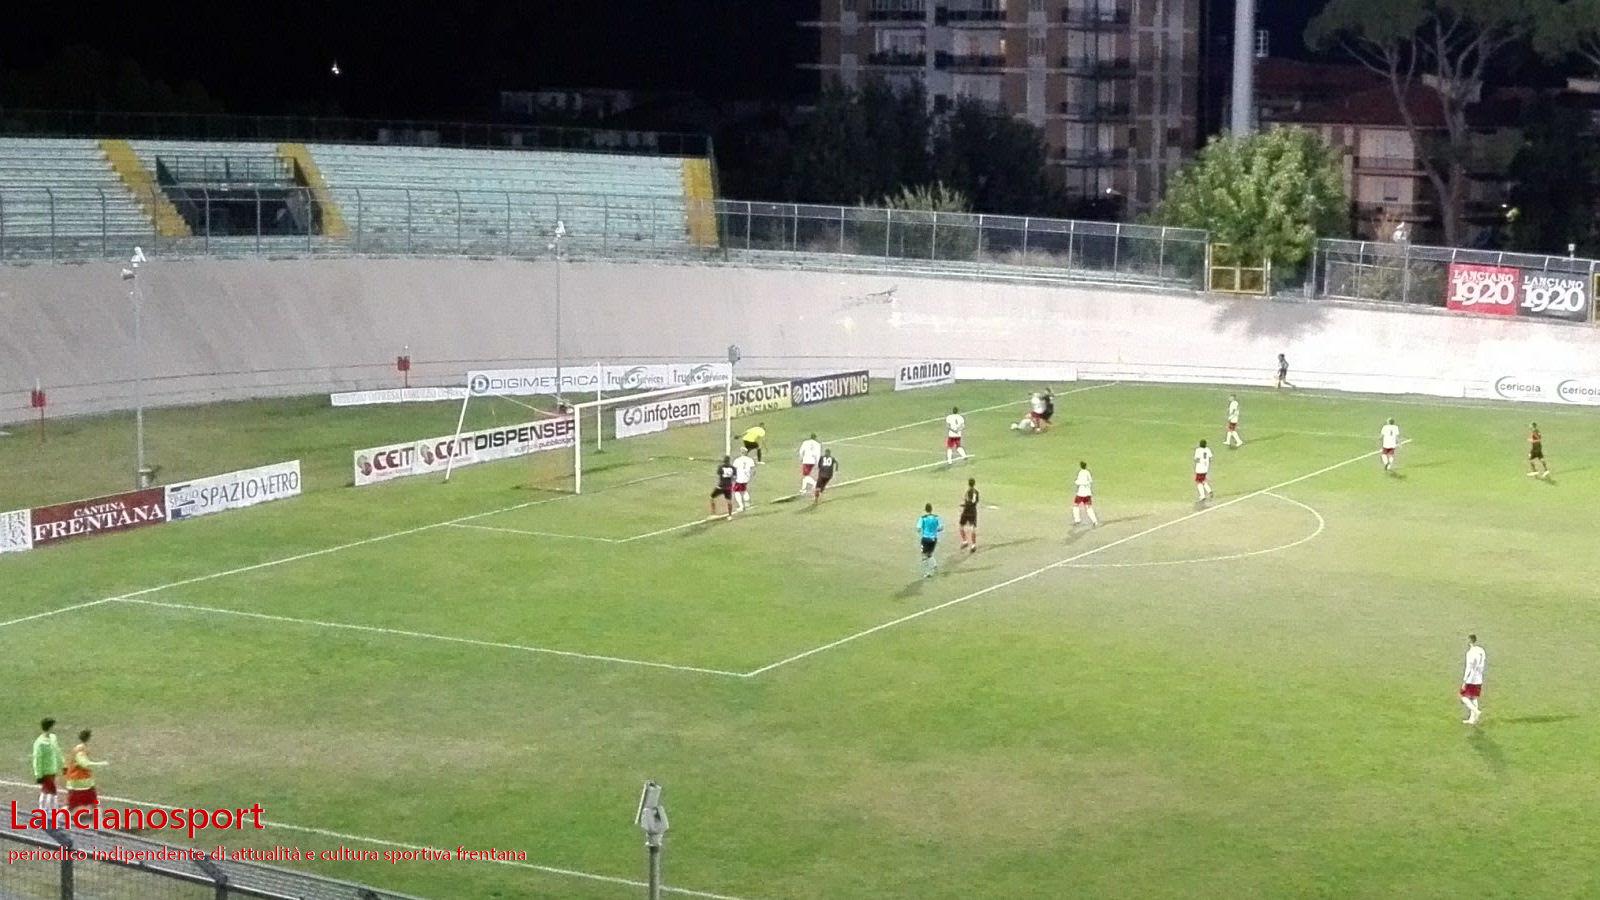 Il Lanciano cambia marcia nella ripresa e piega il Sant'Anna: rossoneri primi da soli a punteggio pieno